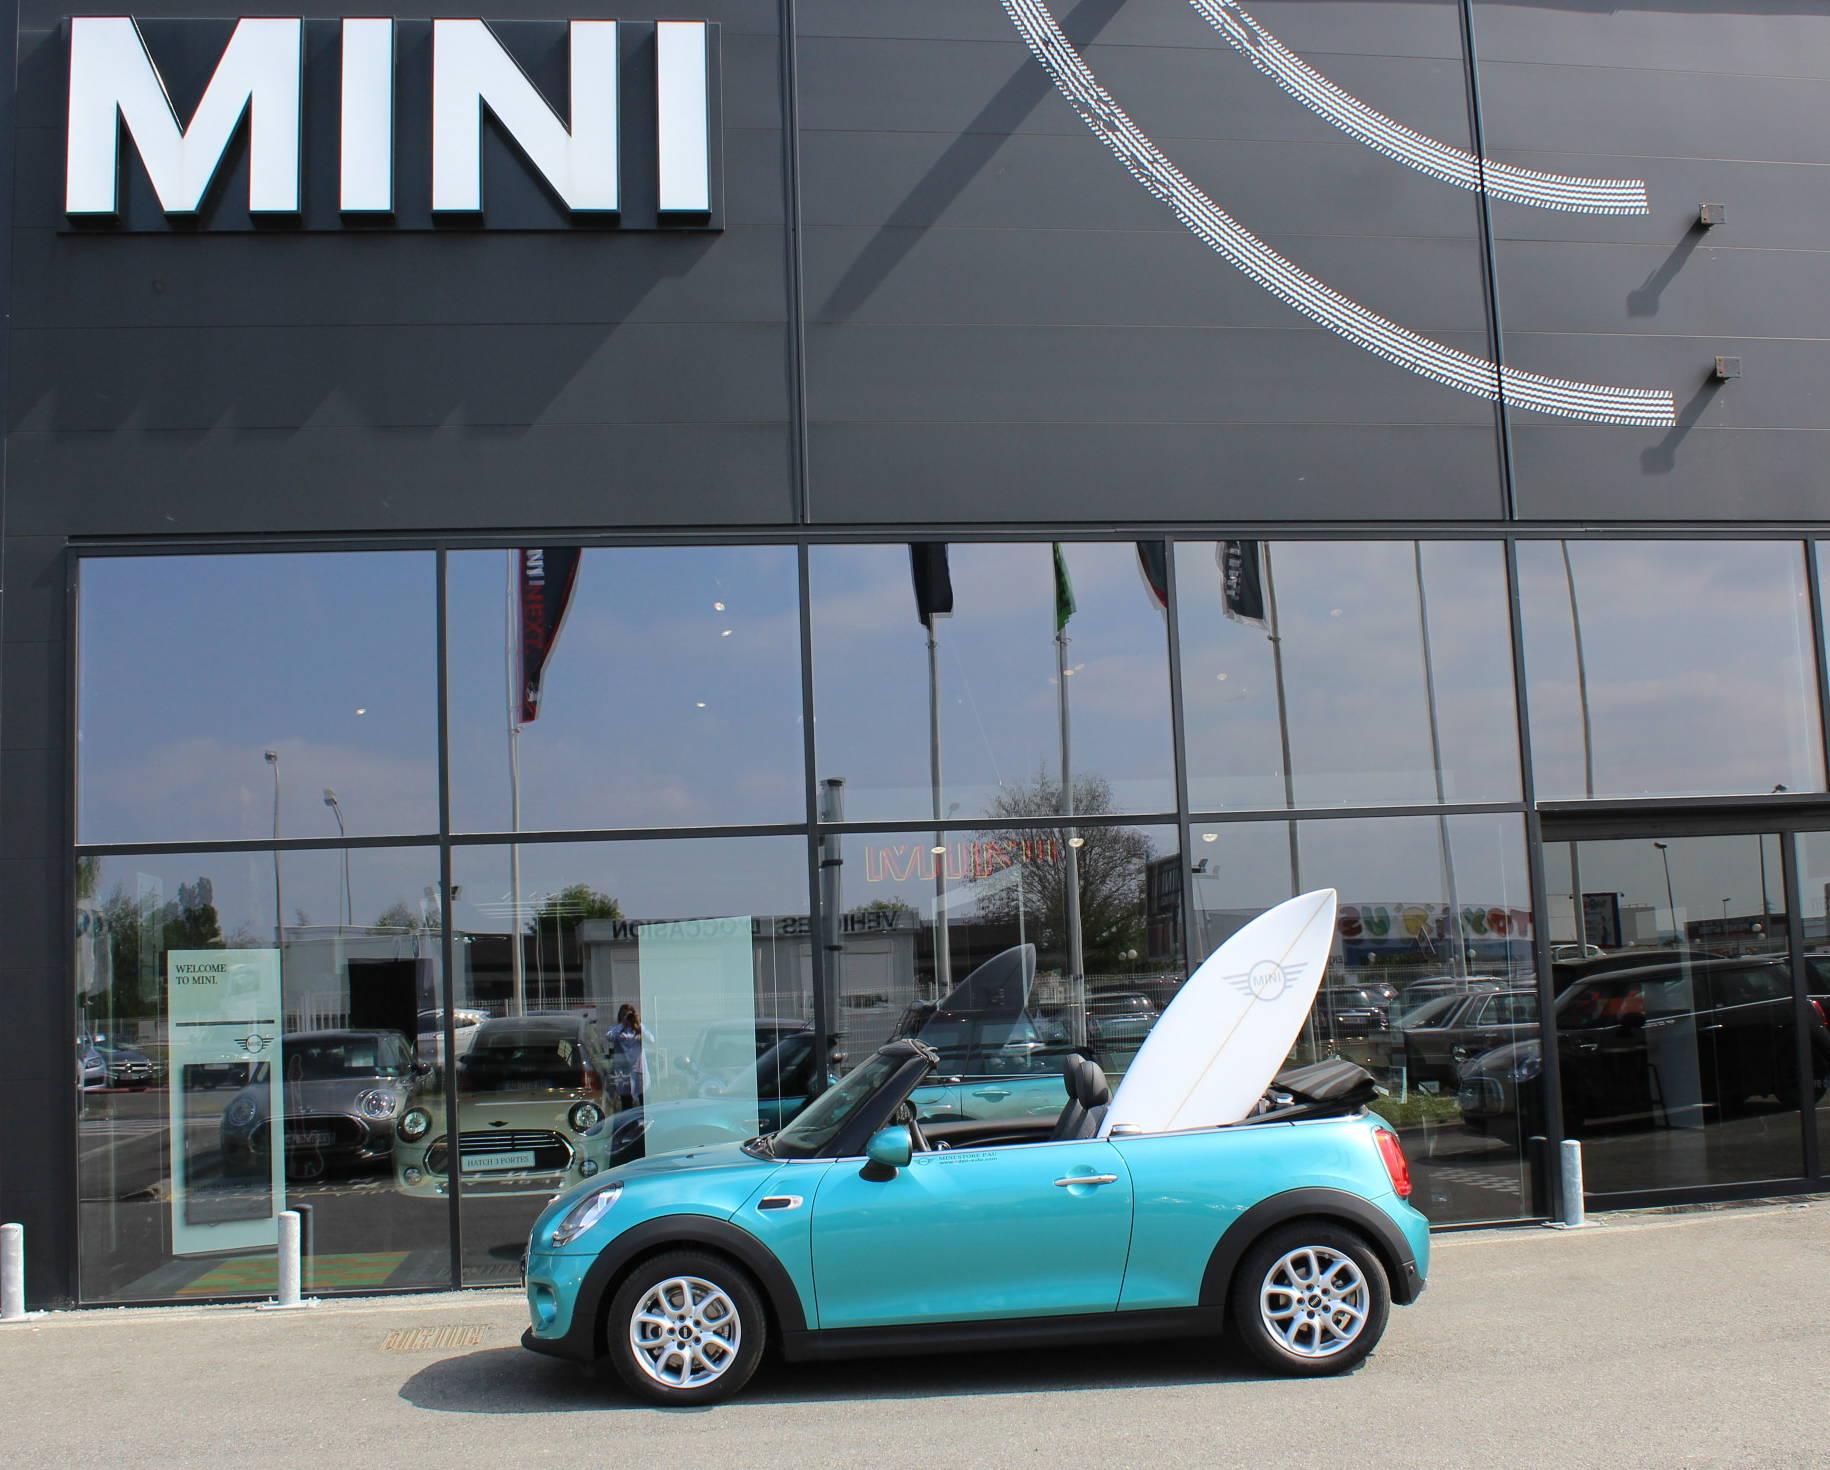 Achetez une Mini Cabrio chez le concessionnaire Mini à Pau